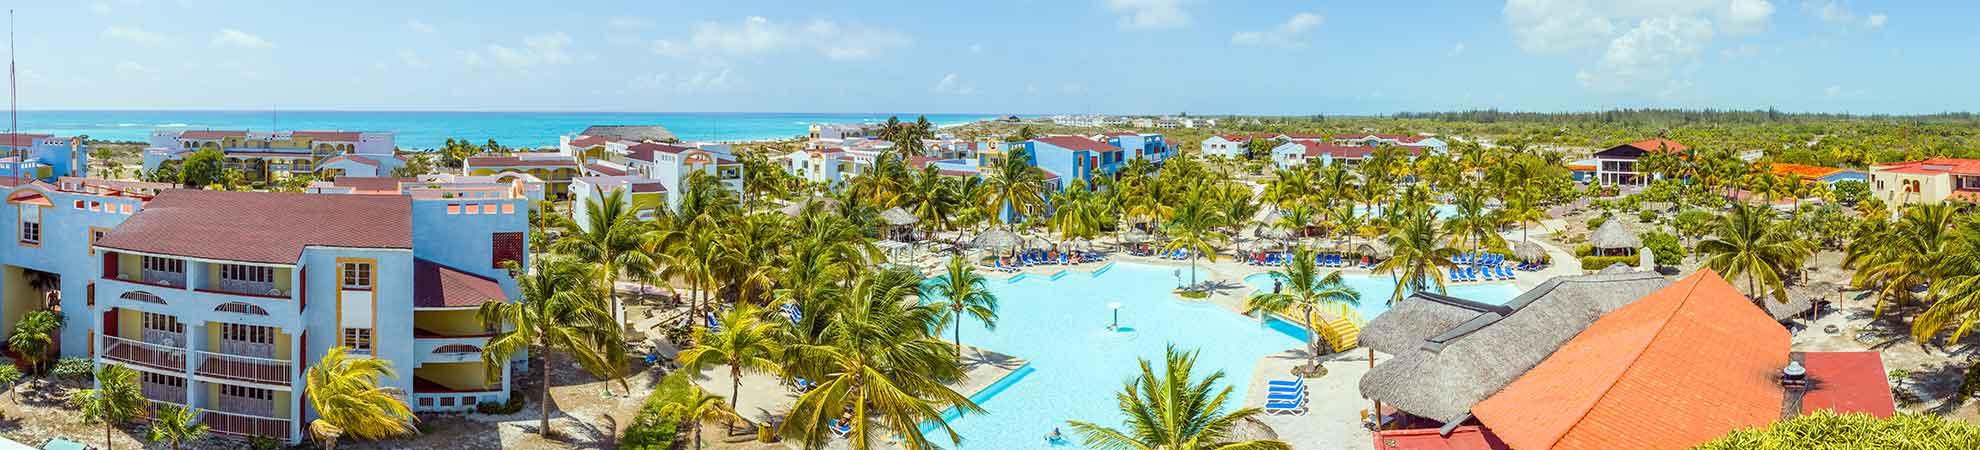 Hôtel Cuba - Quels hébergements et chambres d'hôte choisir